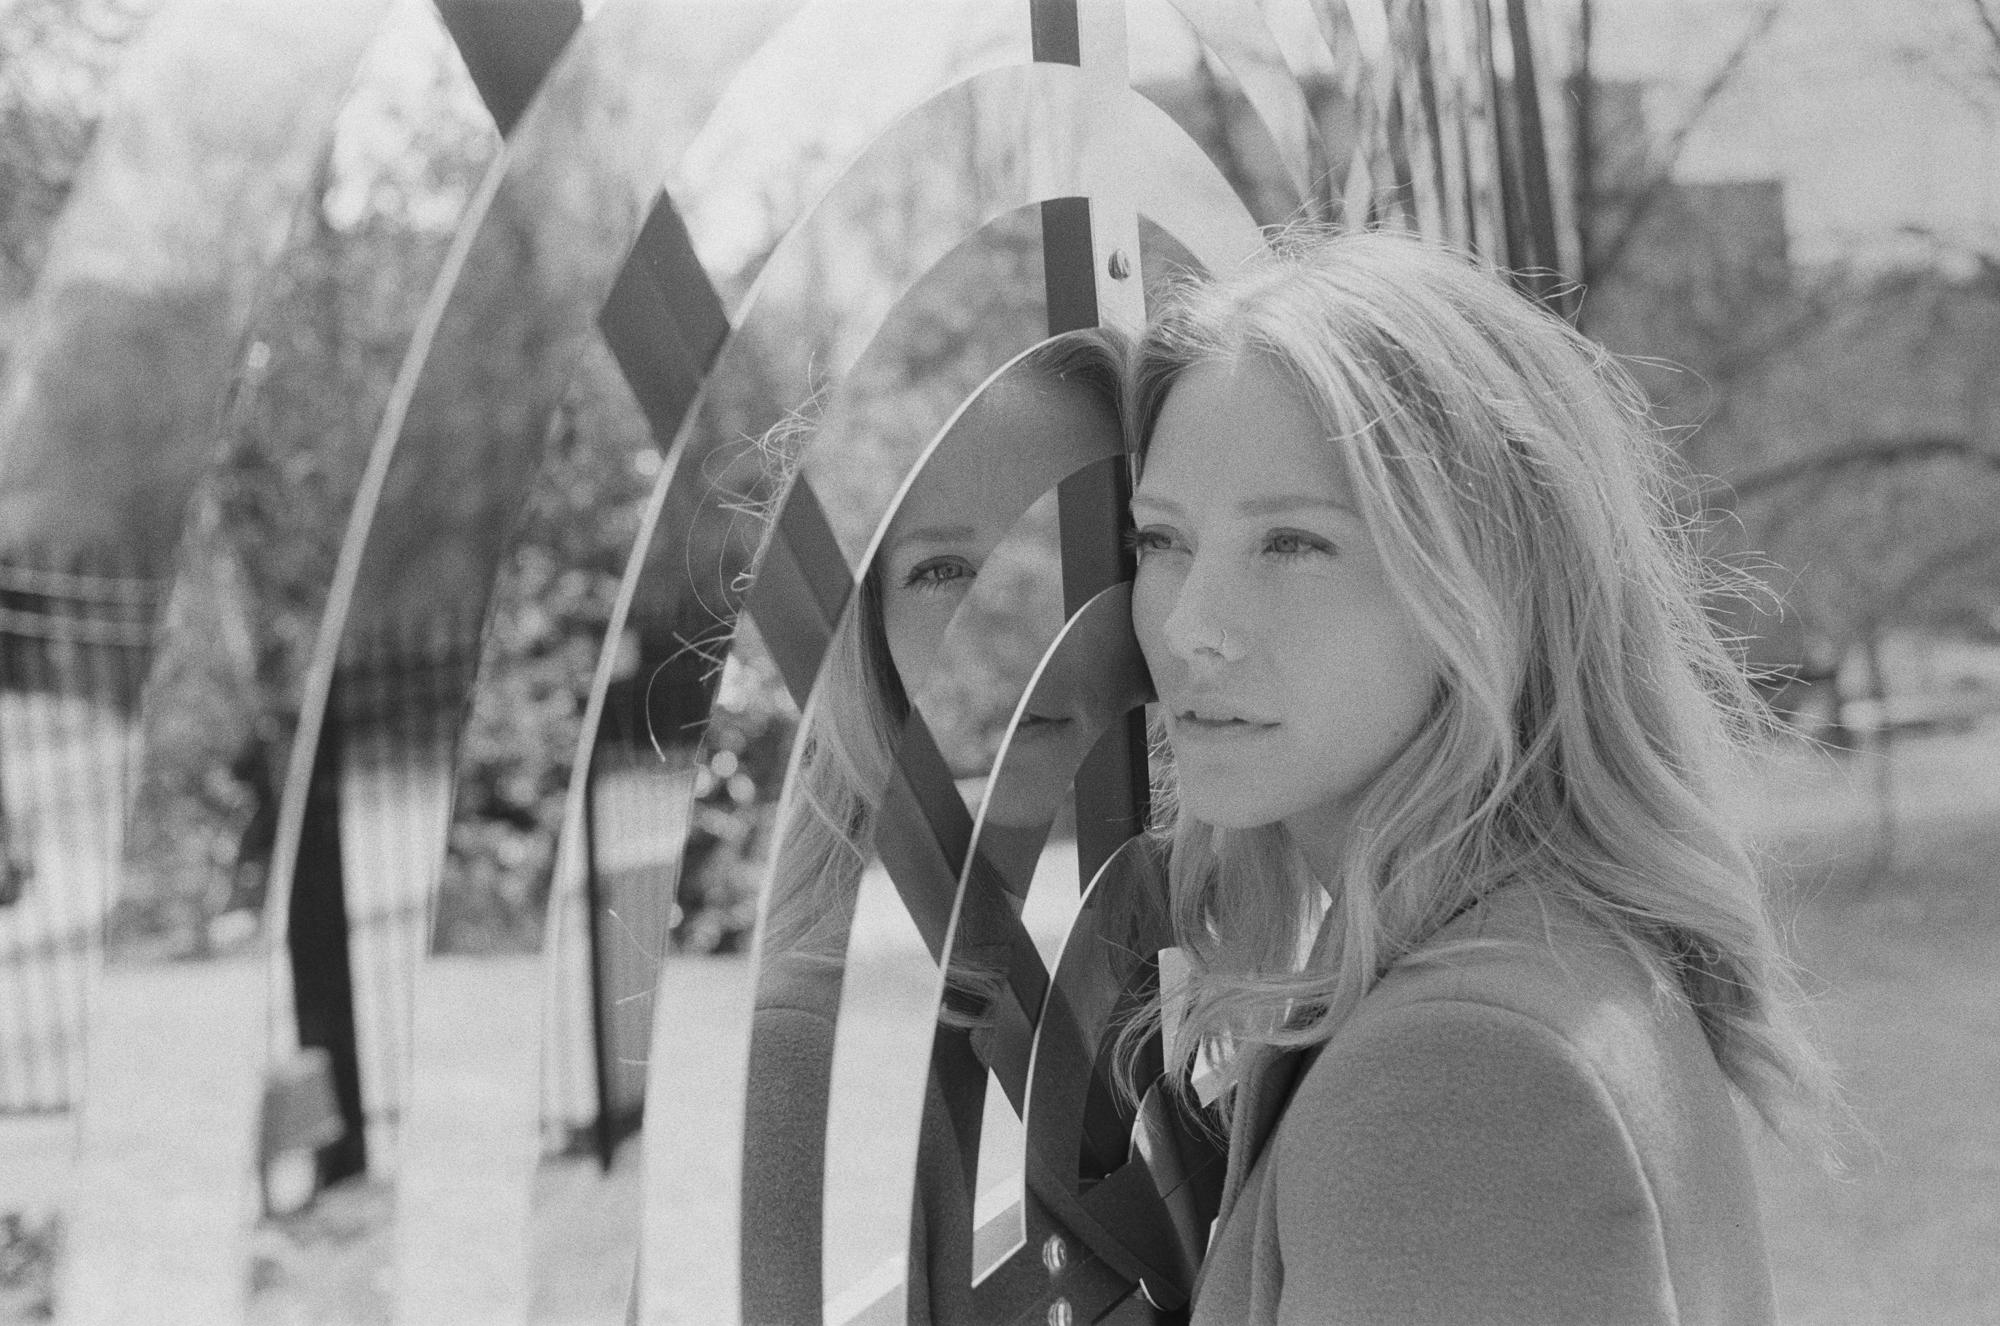 Lindsay reflected